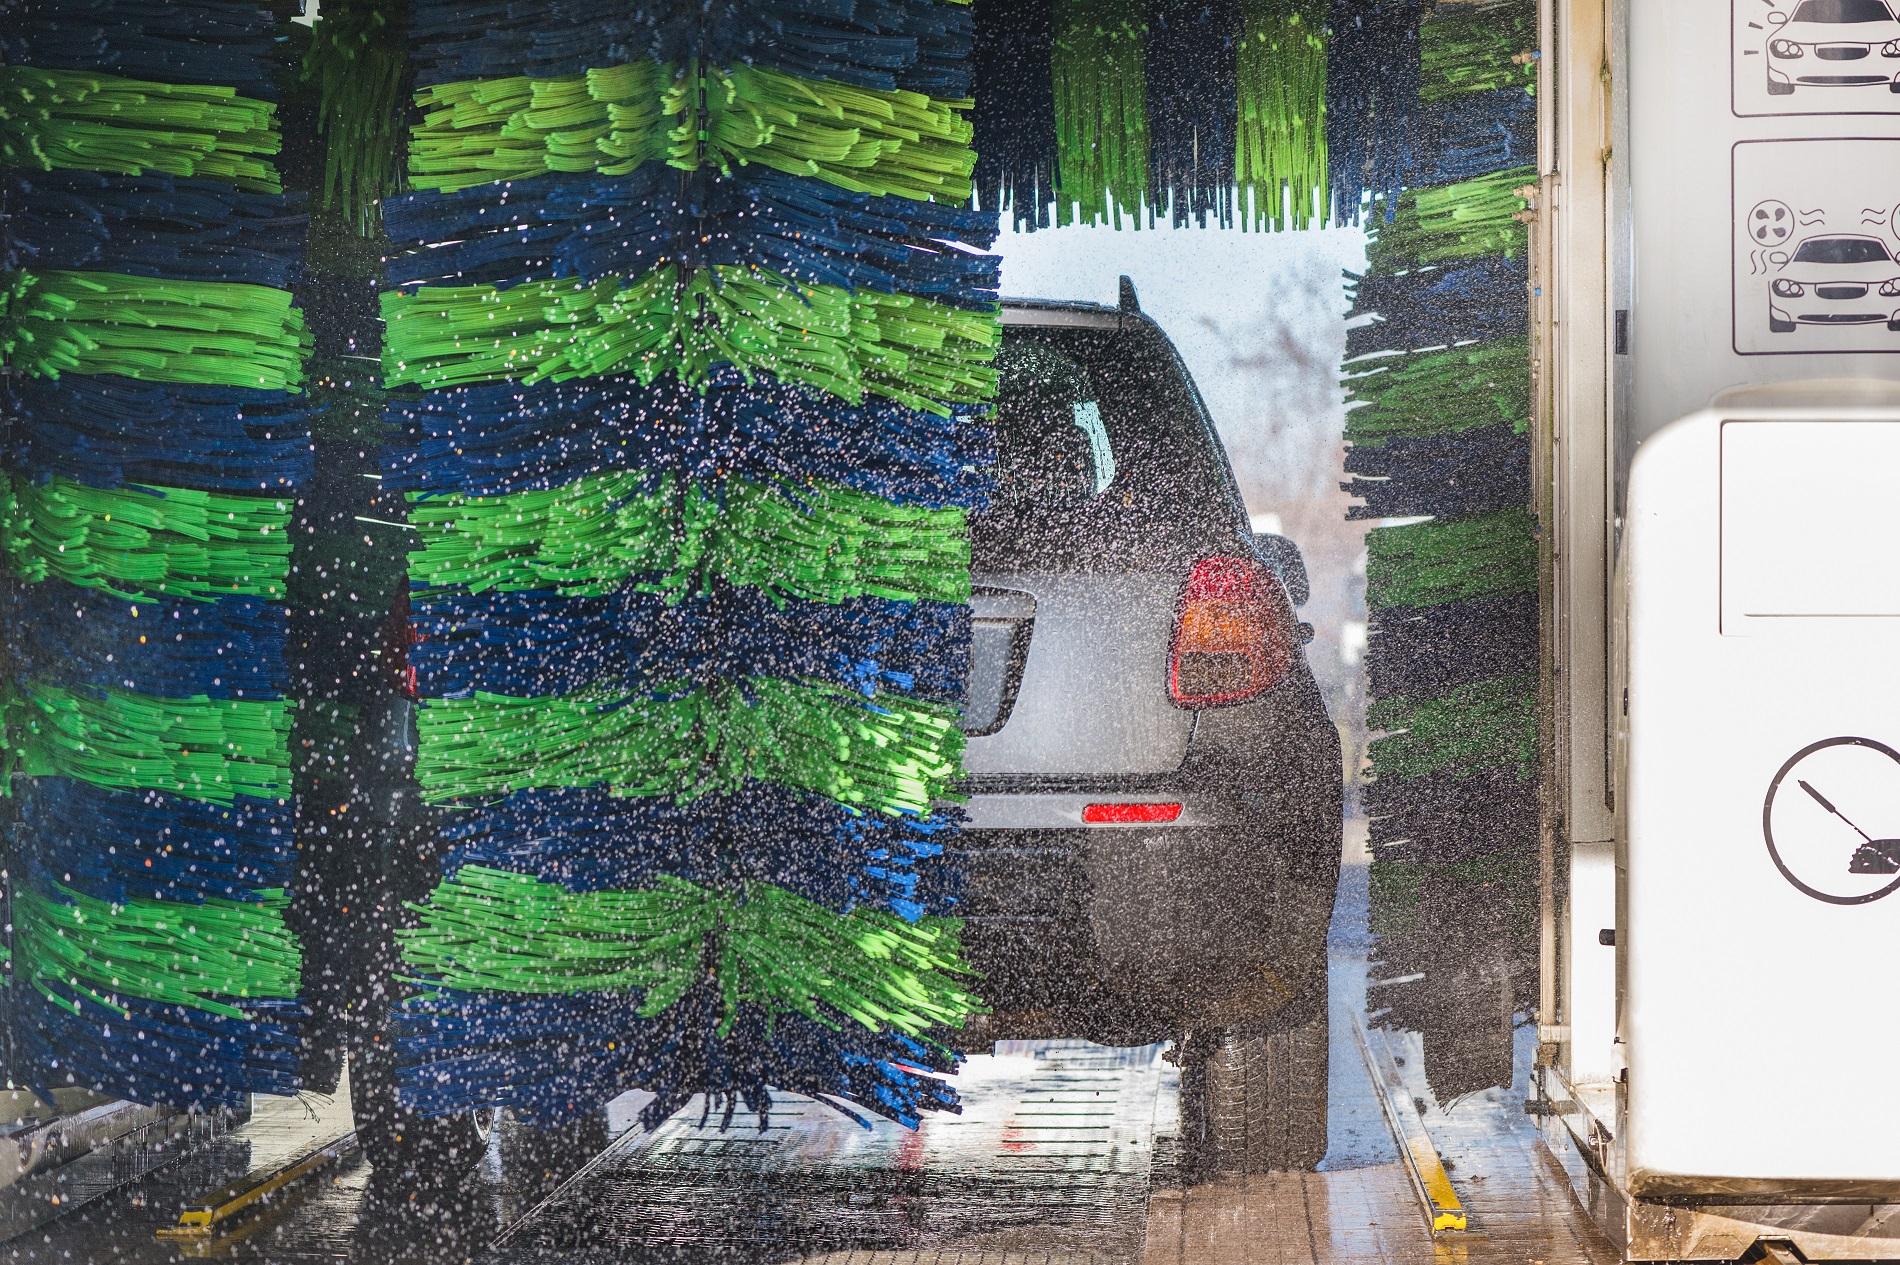 Higienização automotiva em lava a jatos com rolos não são indicados por especialista, pois podem arranhar a pintura do carro.